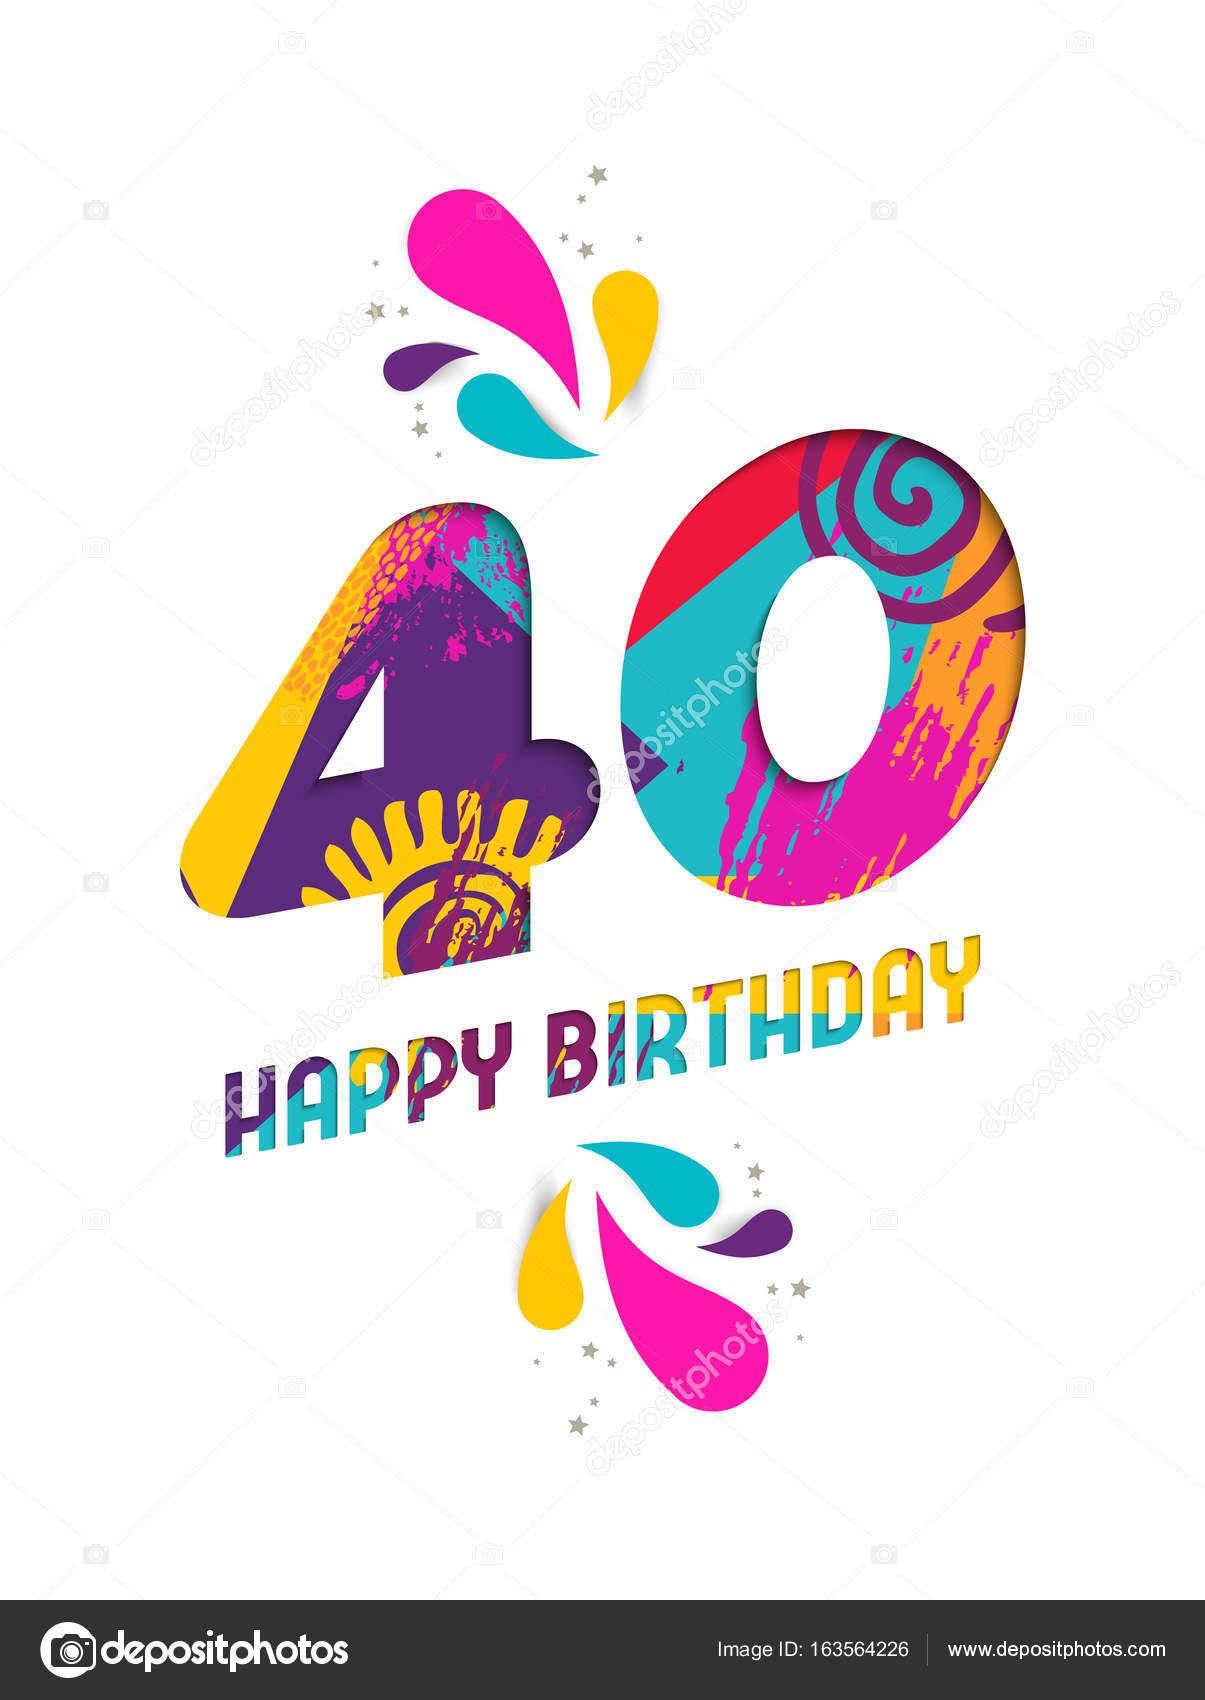 grattis på födelsedagen 40 år Grattis på födelsedagen 40 år papper skära gratulationskort  grattis på födelsedagen 40 år